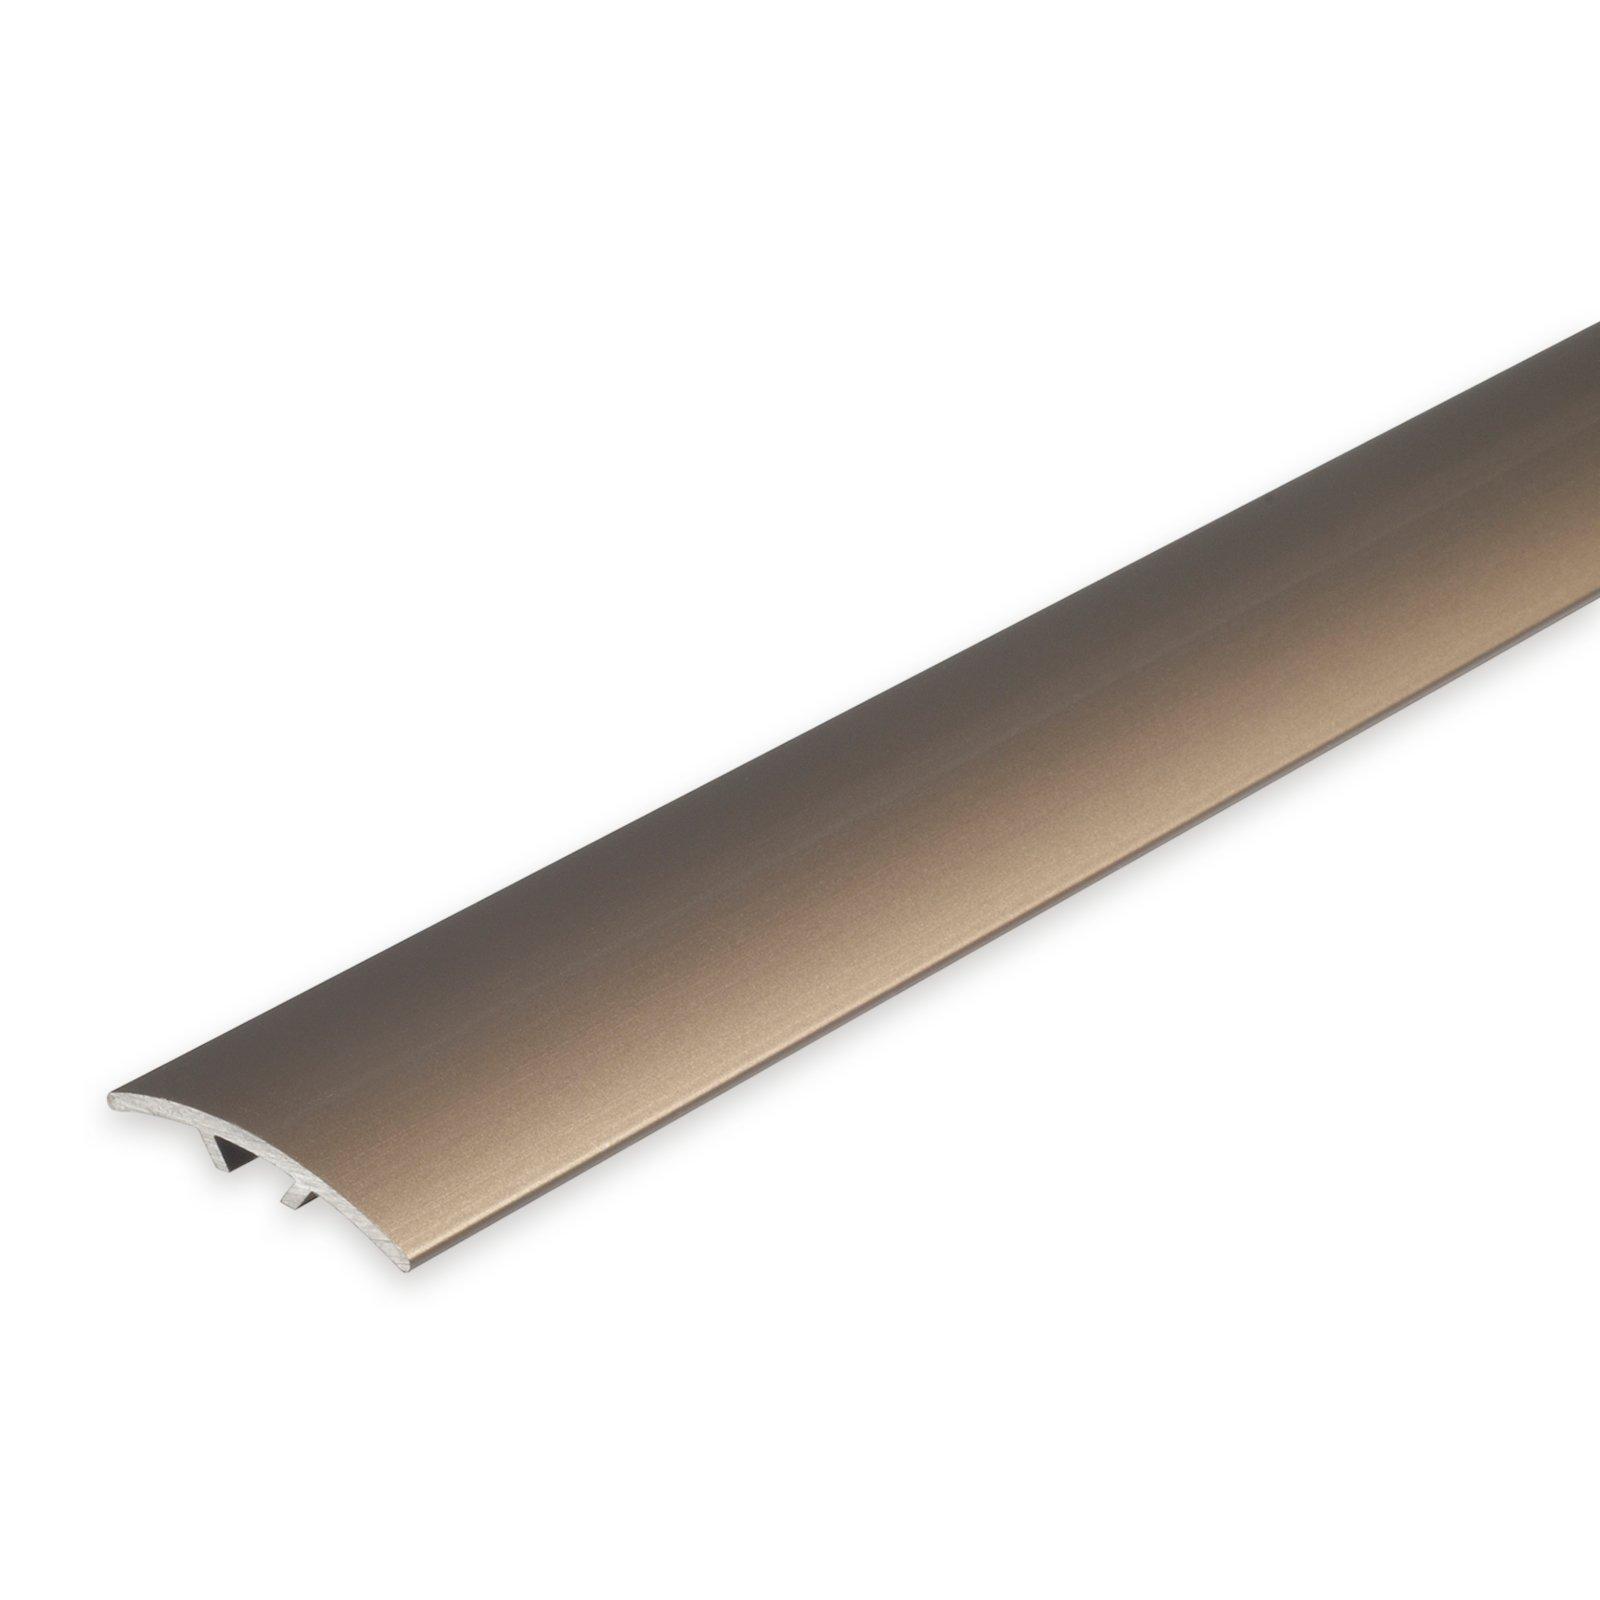 Übergangsprofil SK - bronze - Aluminium - 90 cm